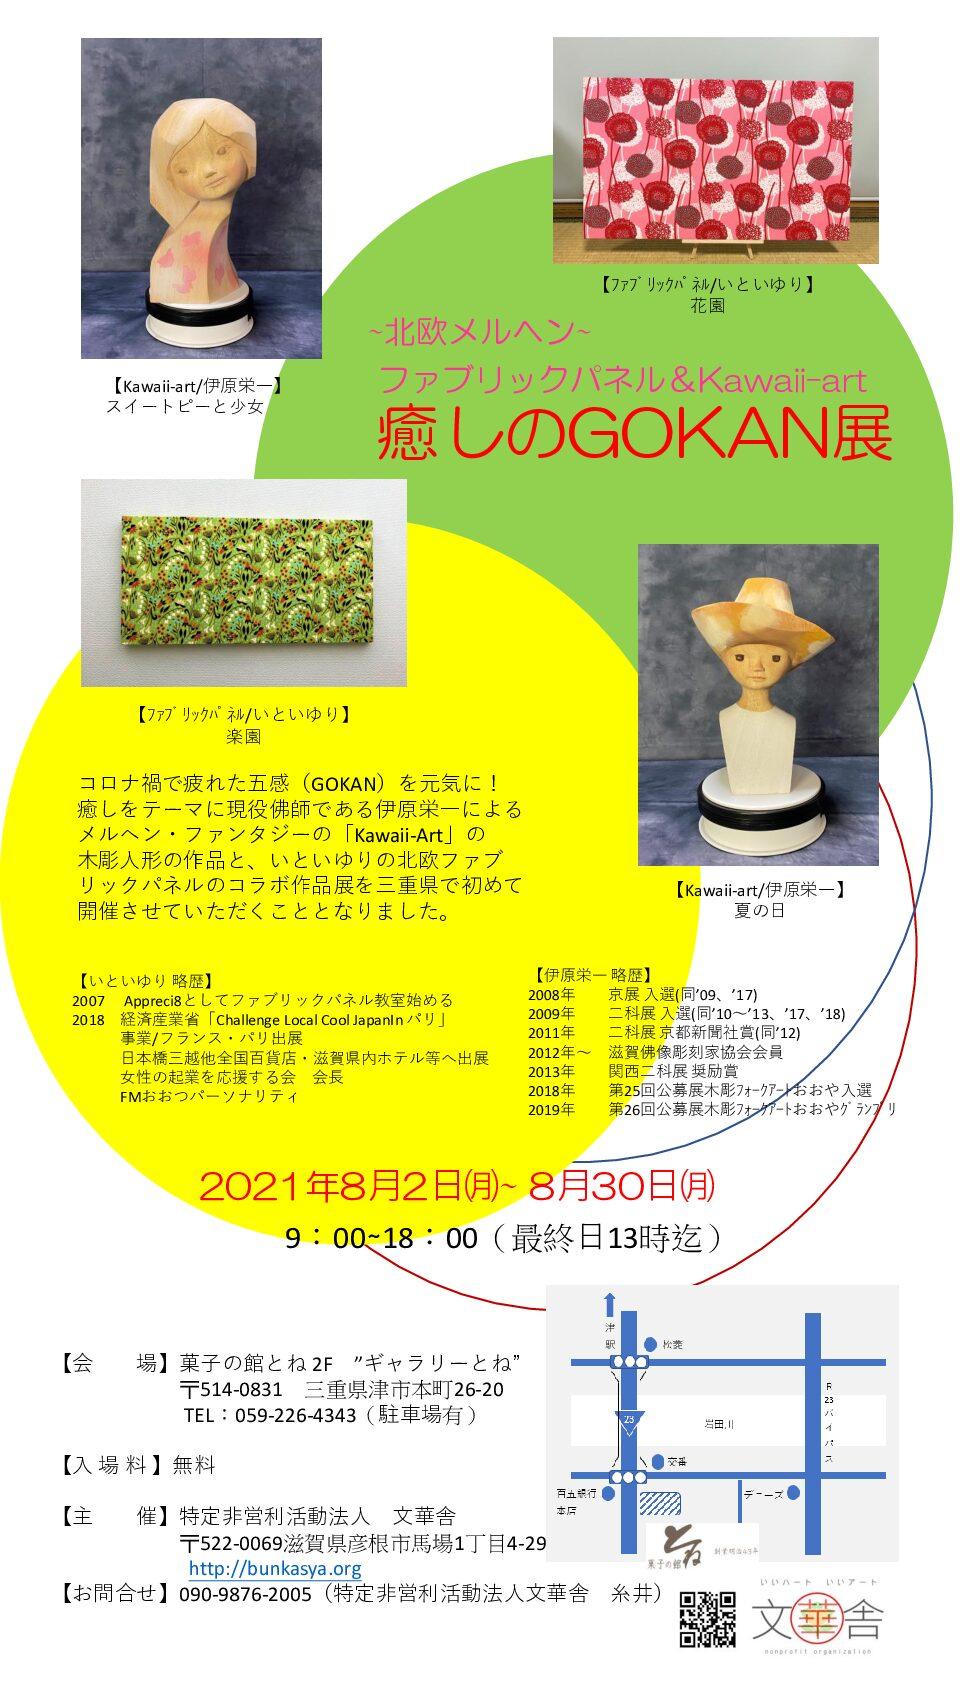 ~北欧メルヘン~ファブリックパネル&Kawaii-art【癒しのGOKAN展】三重にて開催